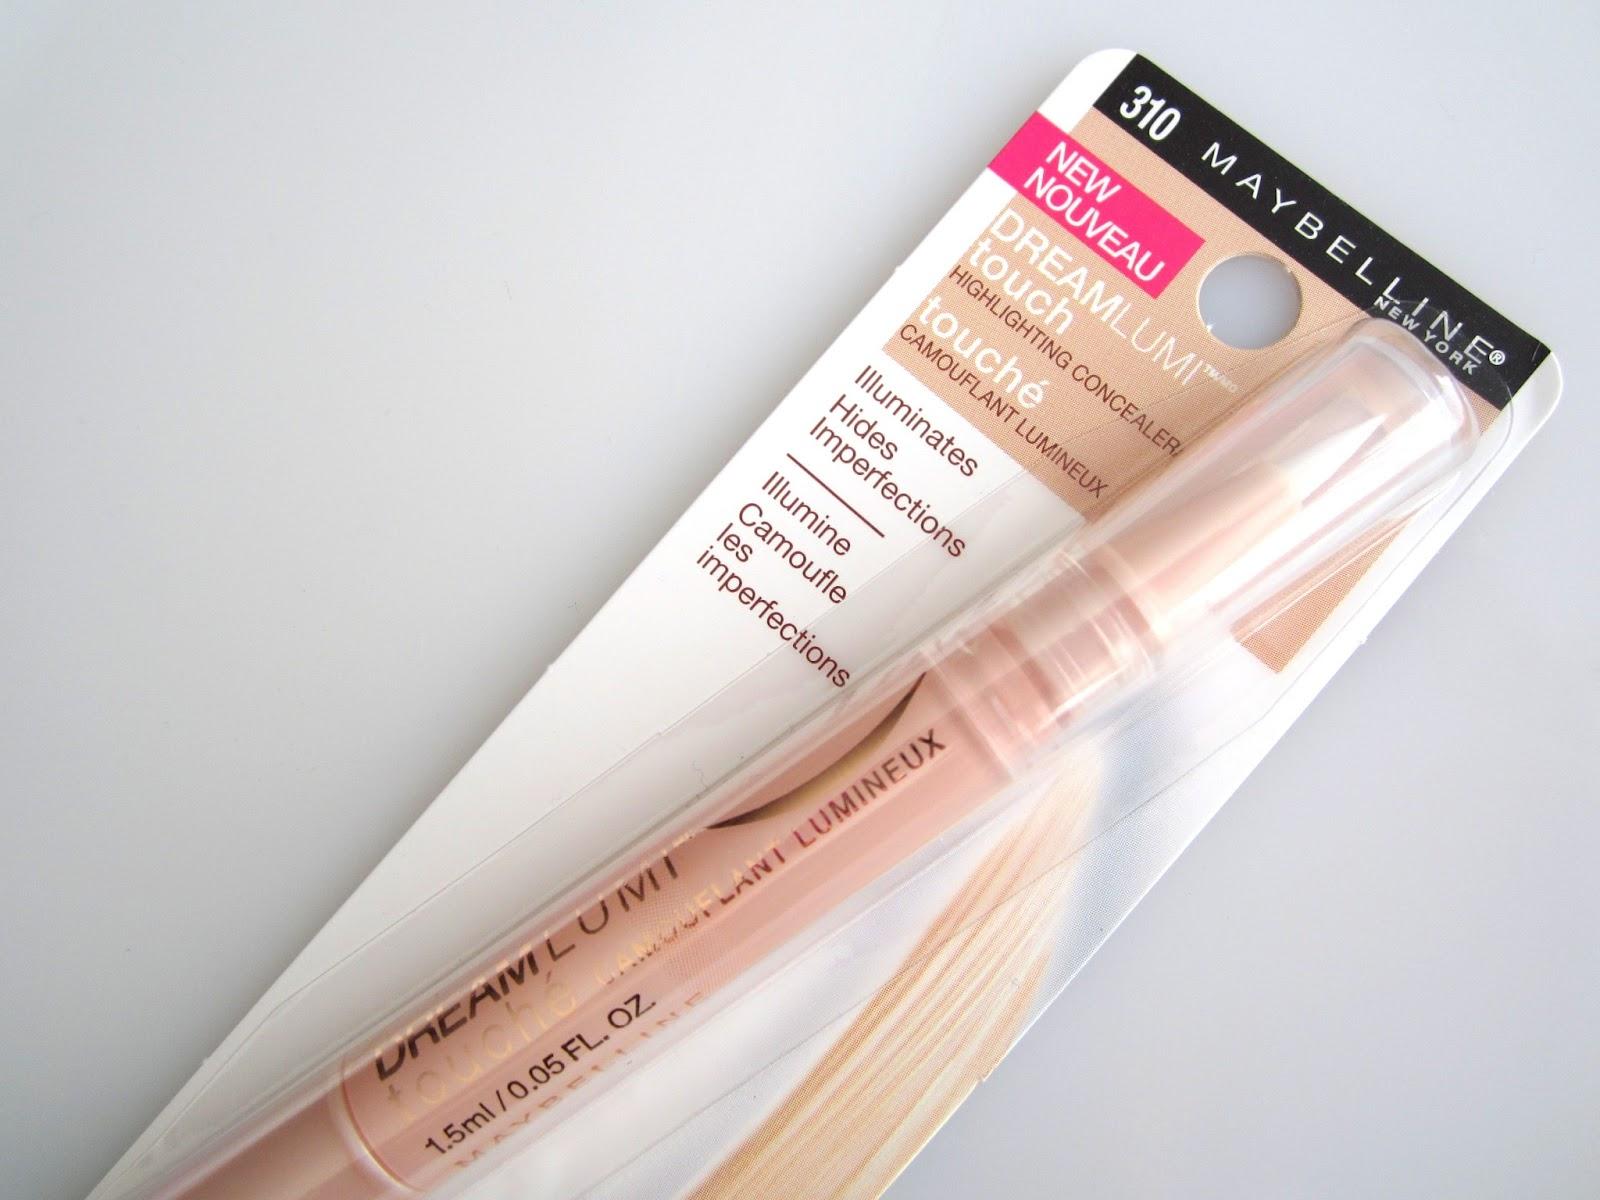 Corrector Dream Lumi™ Touch Highlighting Concealer da Maybelline. Que corrector escolher e como aplicar?